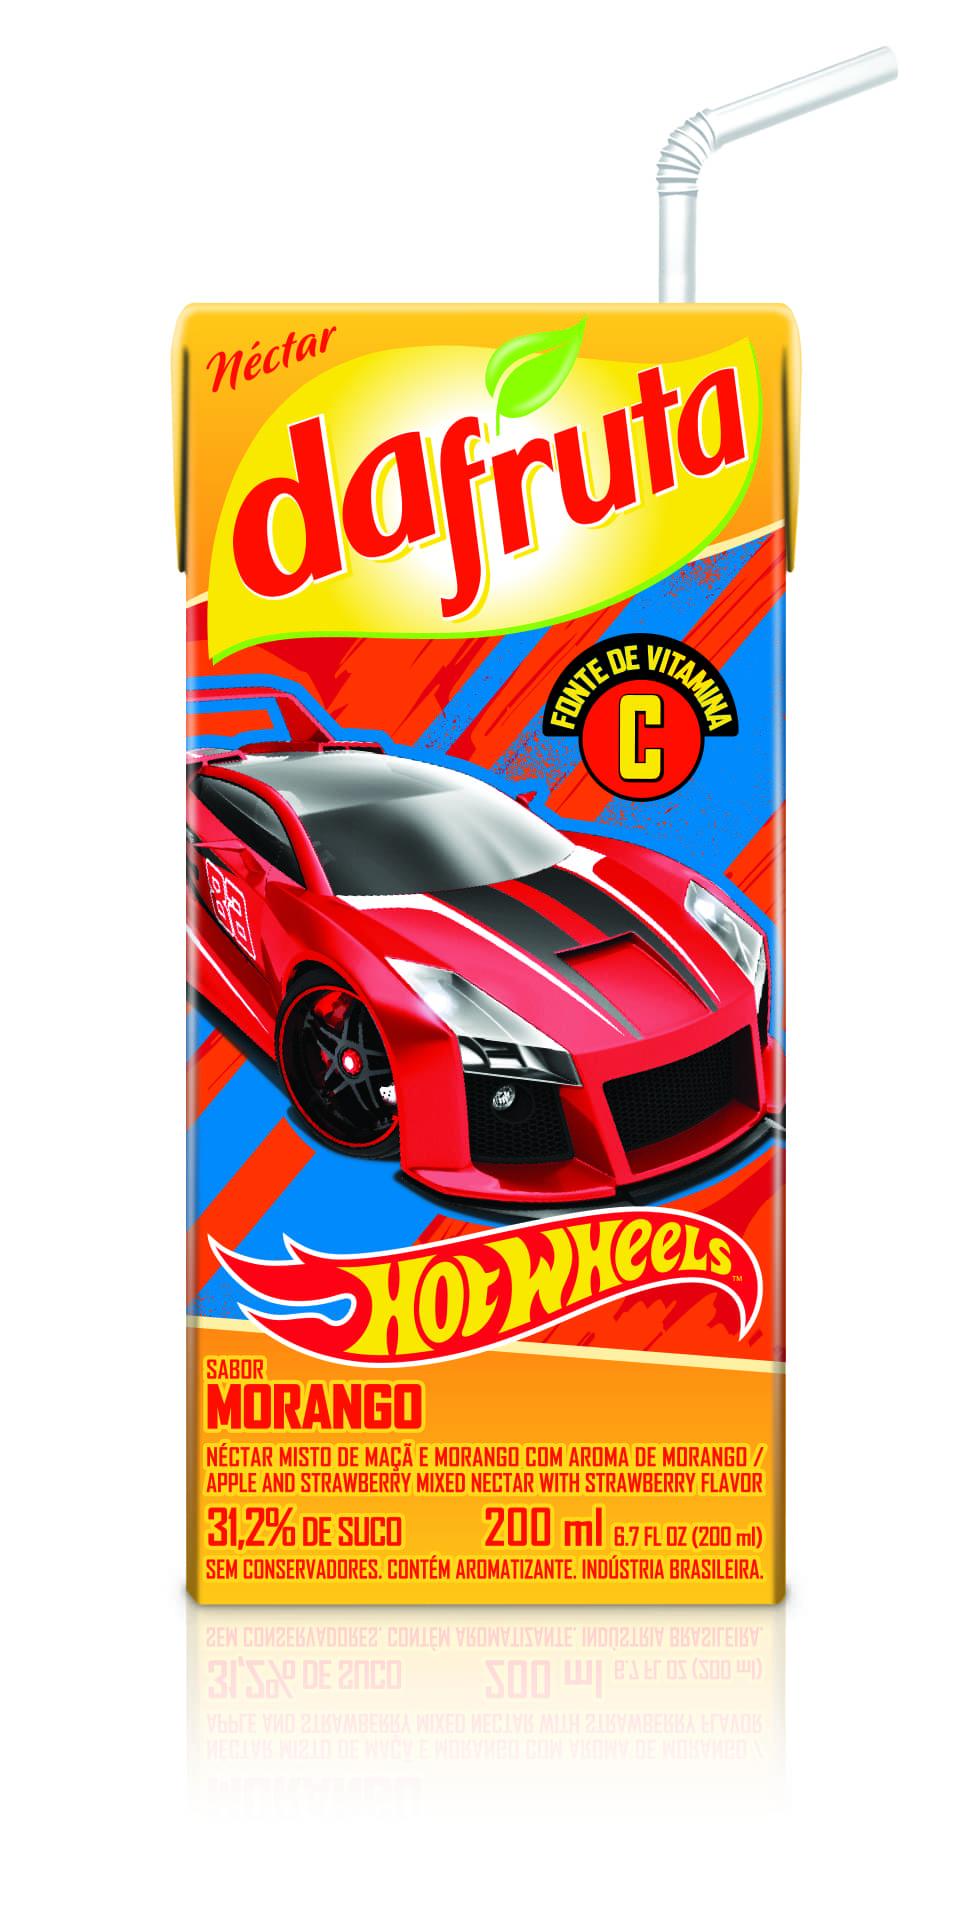 Dafruta-HotWheels-Morango-200ml